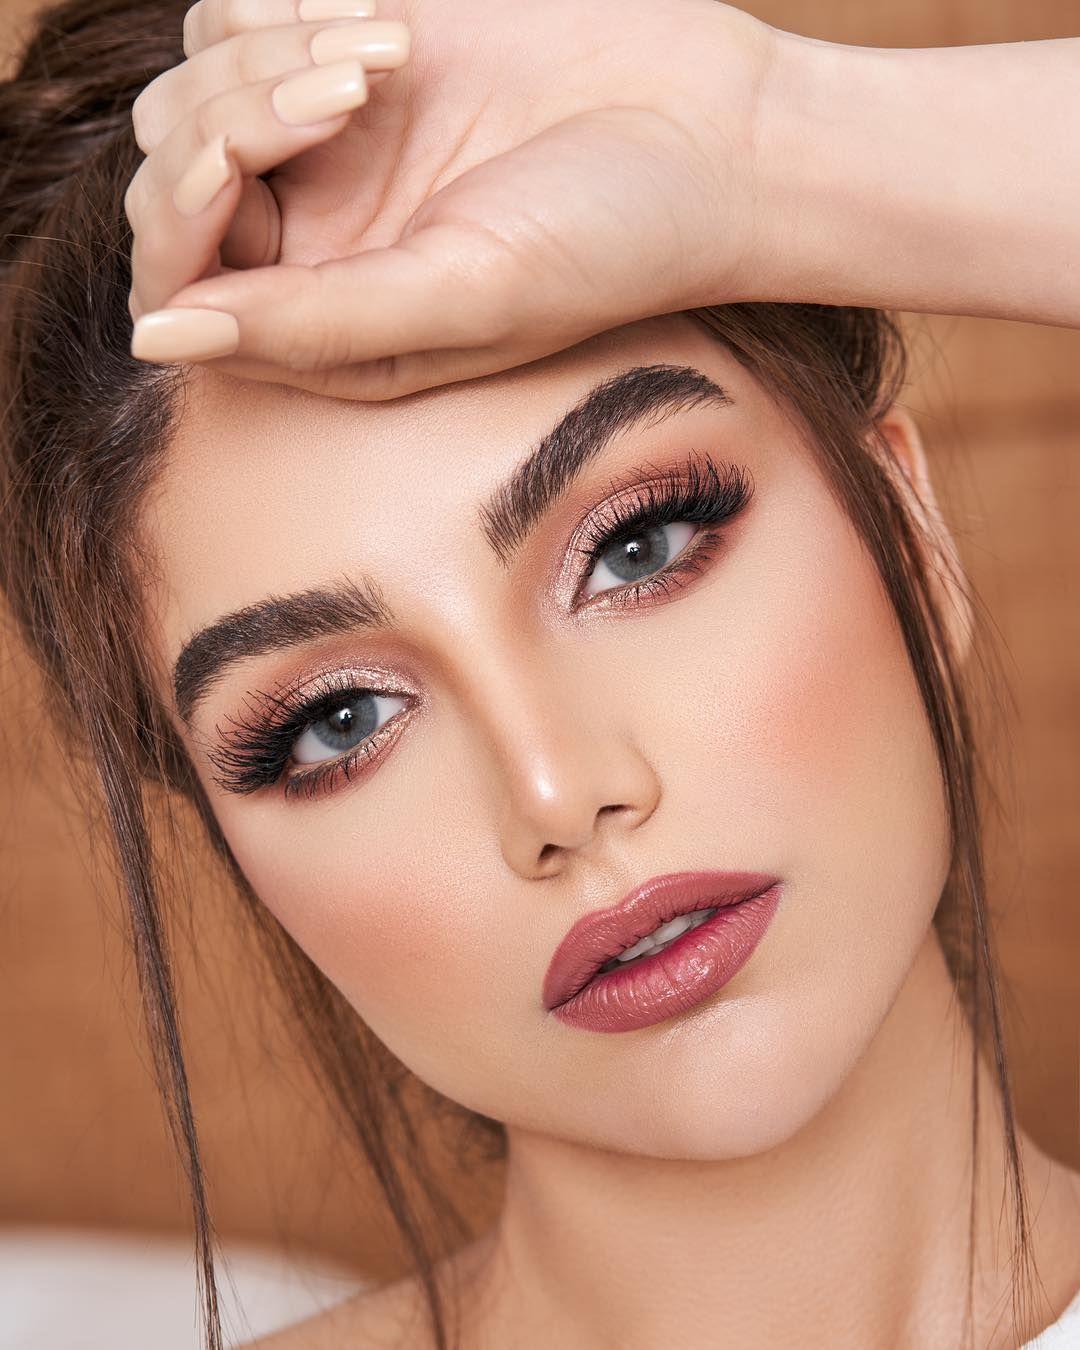 Image May Contain 1 Person Closeup Black Dress Makeup Formal Makeup Smooth Hair [ 1350 x 1080 Pixel ]